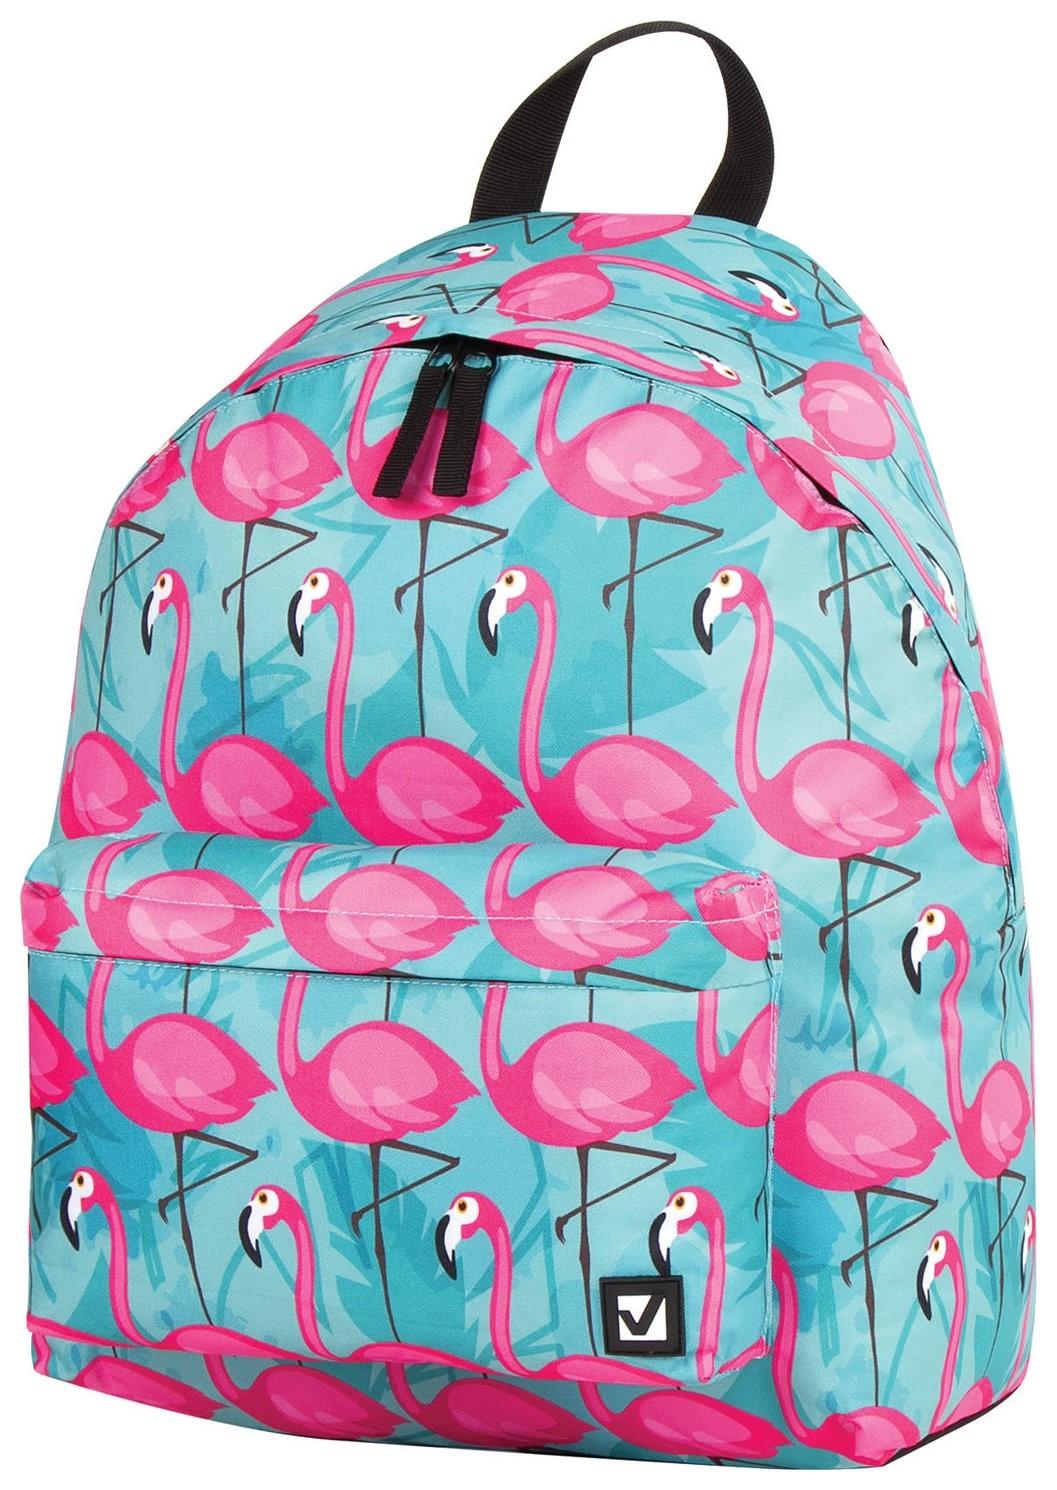 Рюкзак BRAUBERG, универсальный, сити-формат, Фламинго, 20 литров, 41х32х14 см  Brauberg